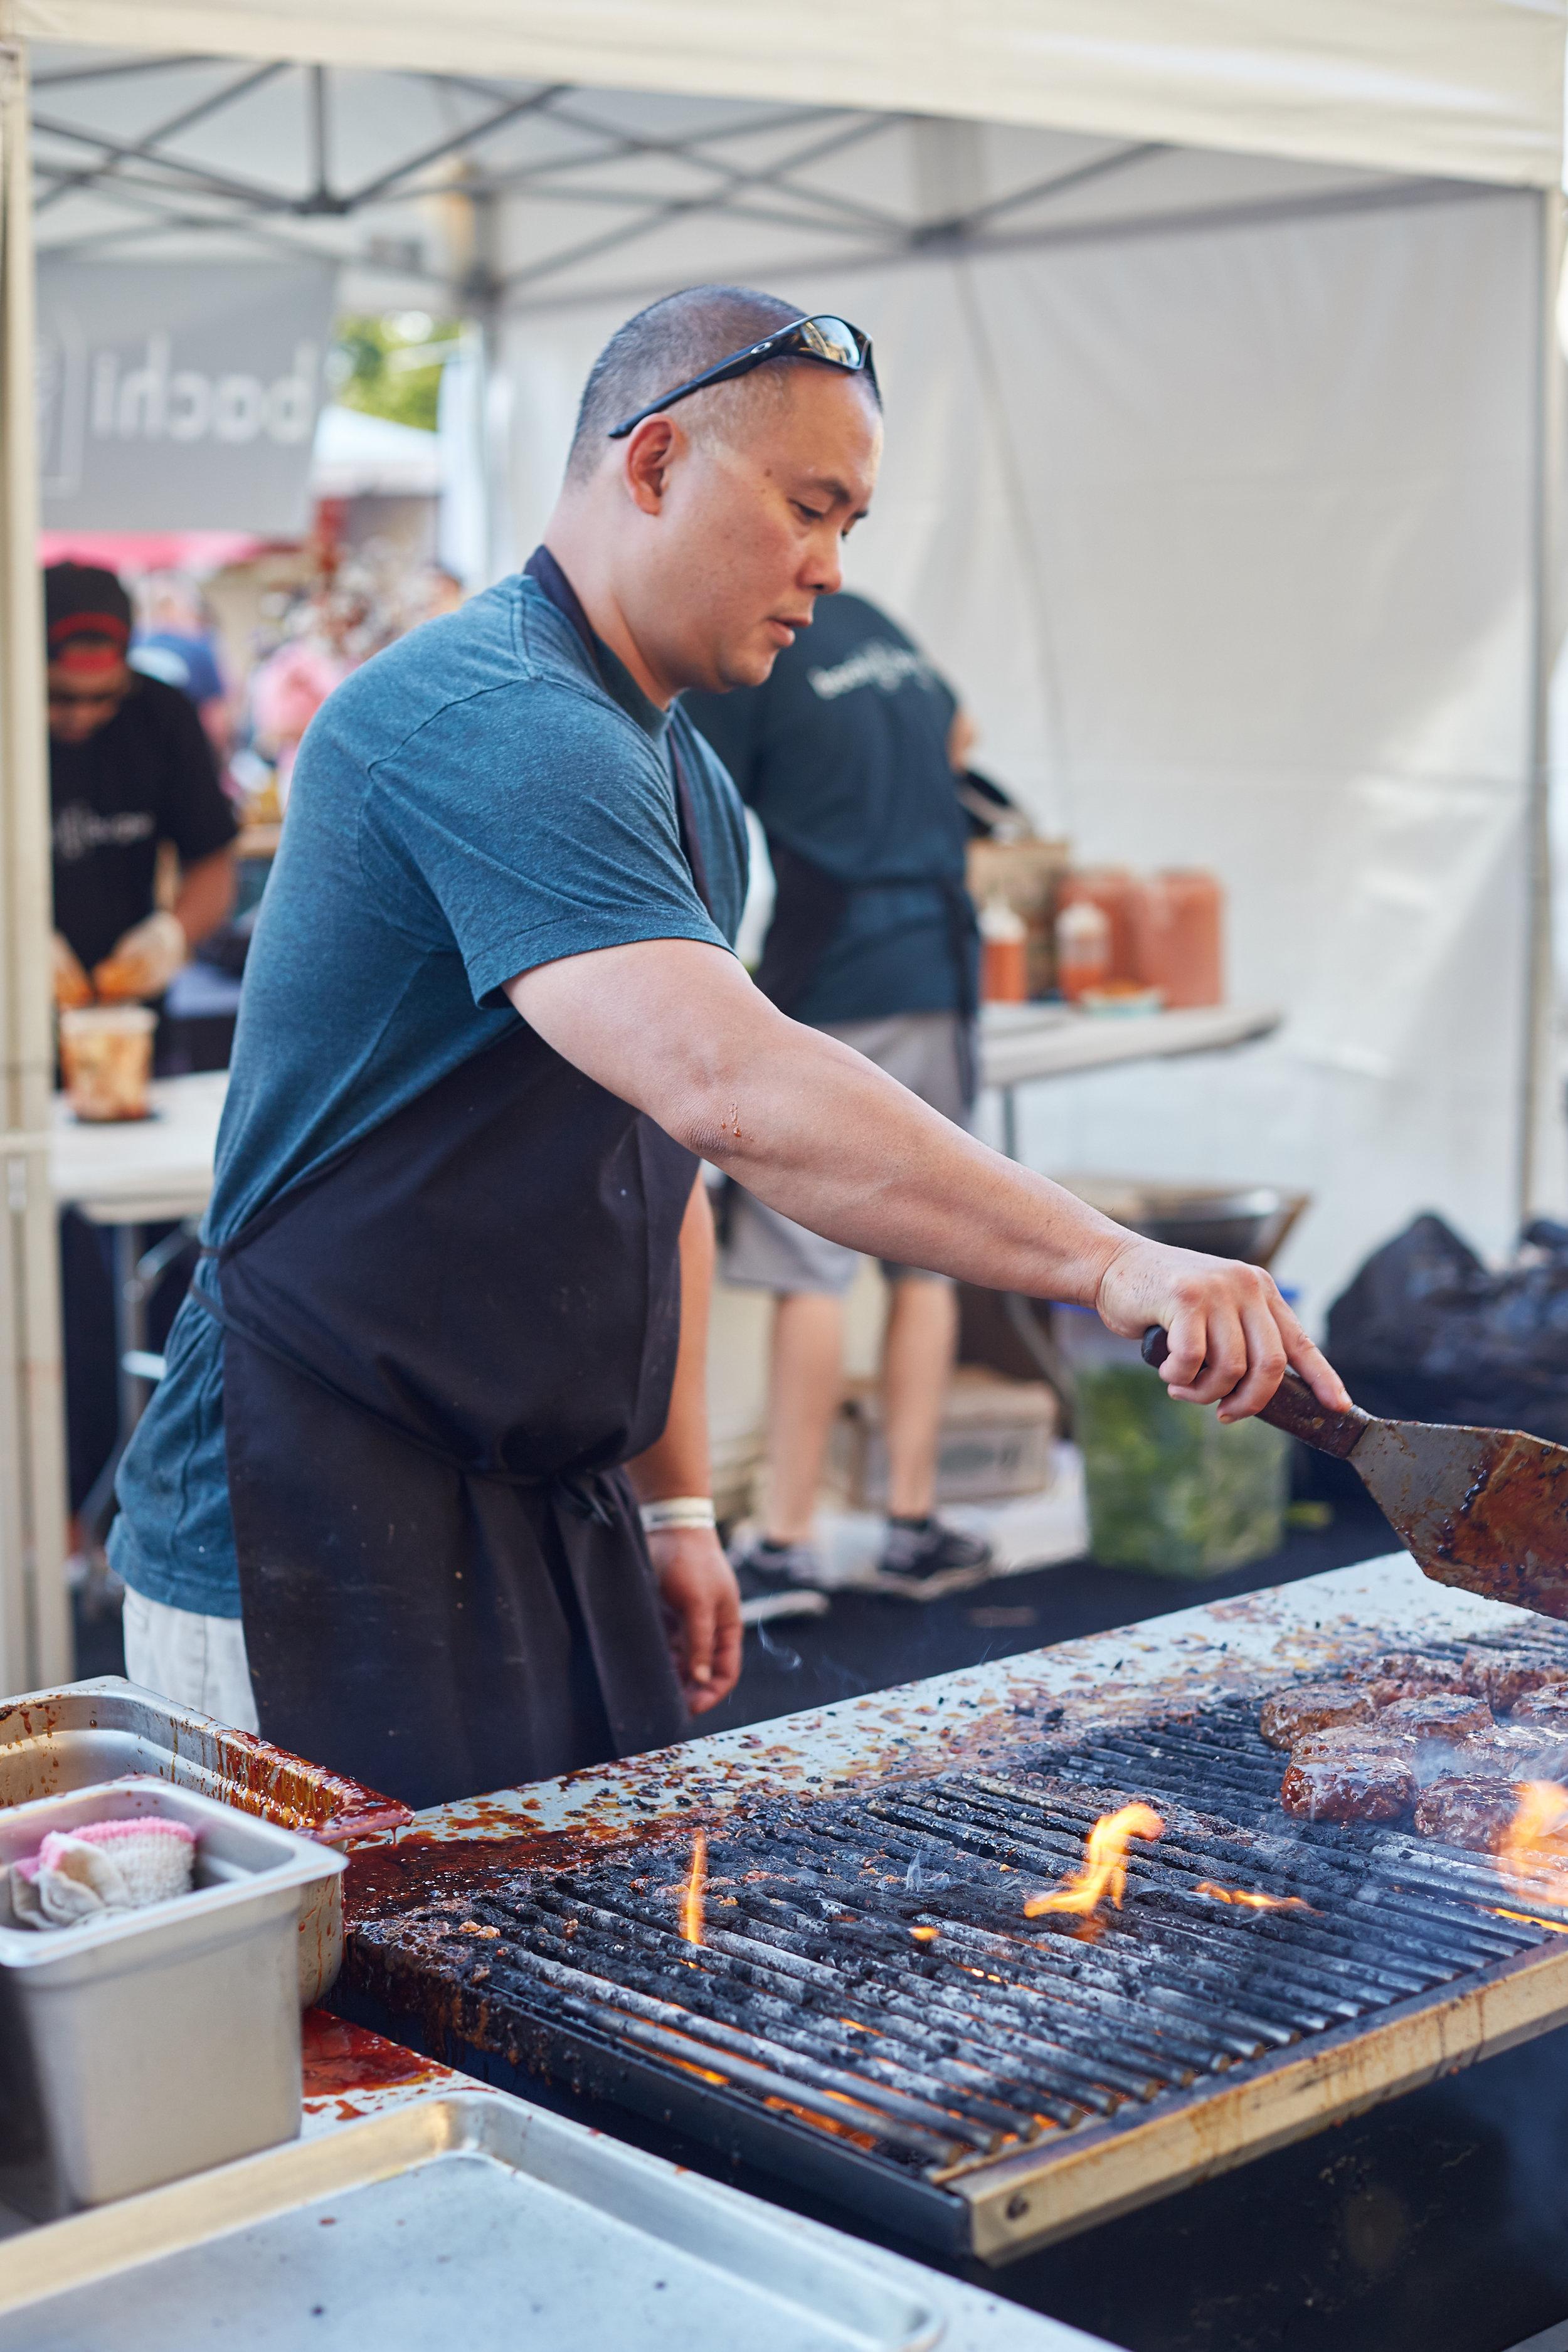 LA-Street-Food-Fest_15-07-11_19-28-48_MG_0012_©RyanTanaka2015.jpg